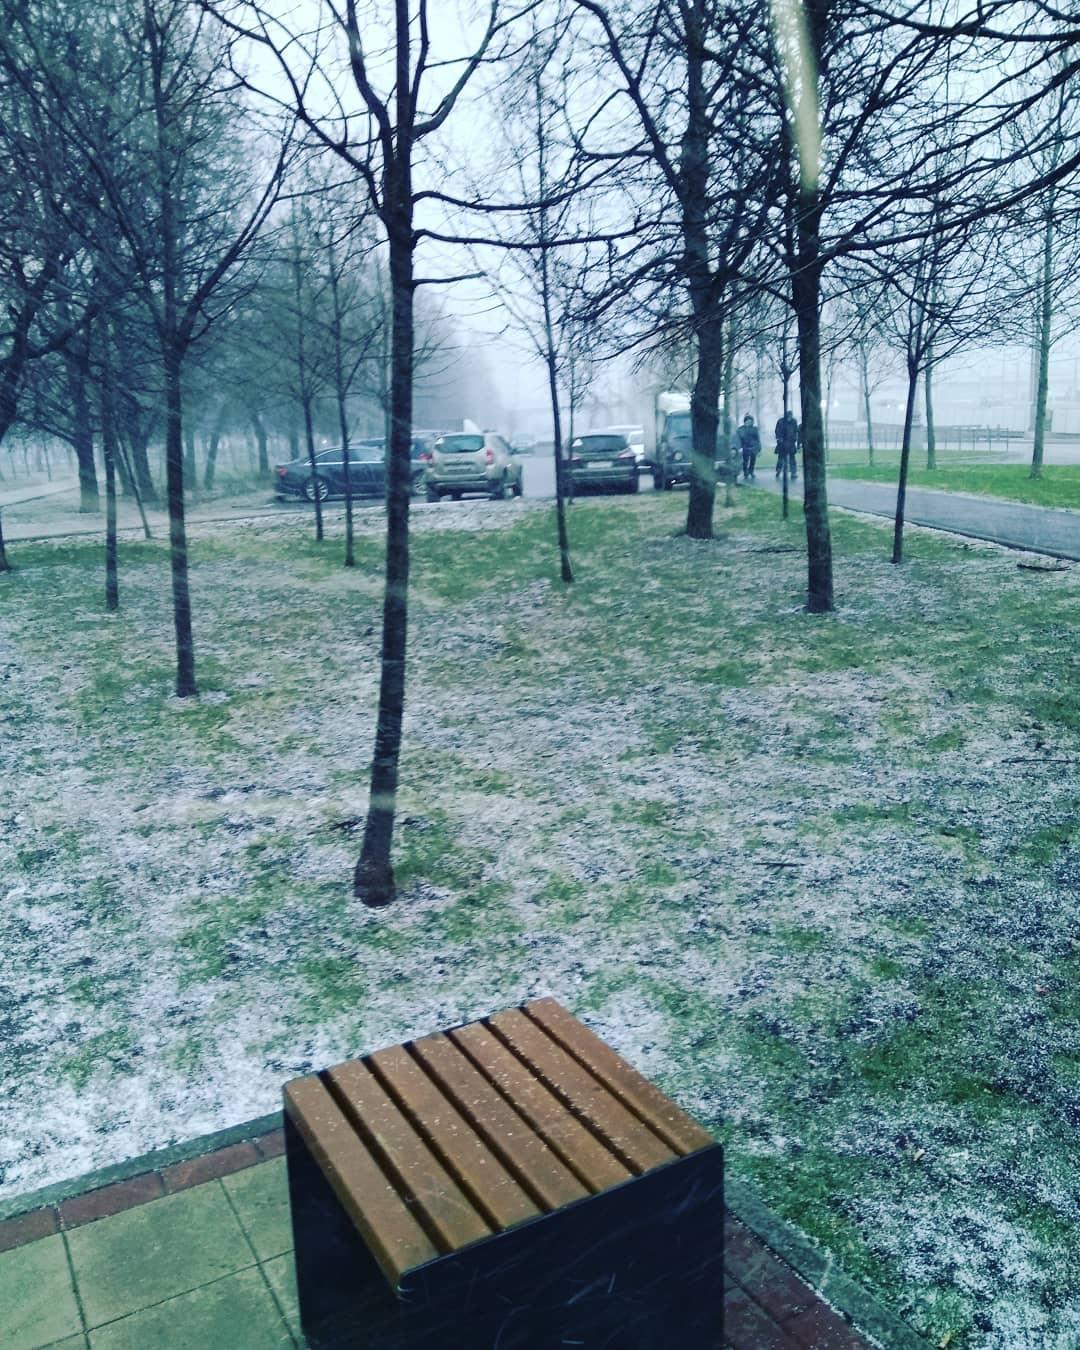 #москва #снег #снегопад